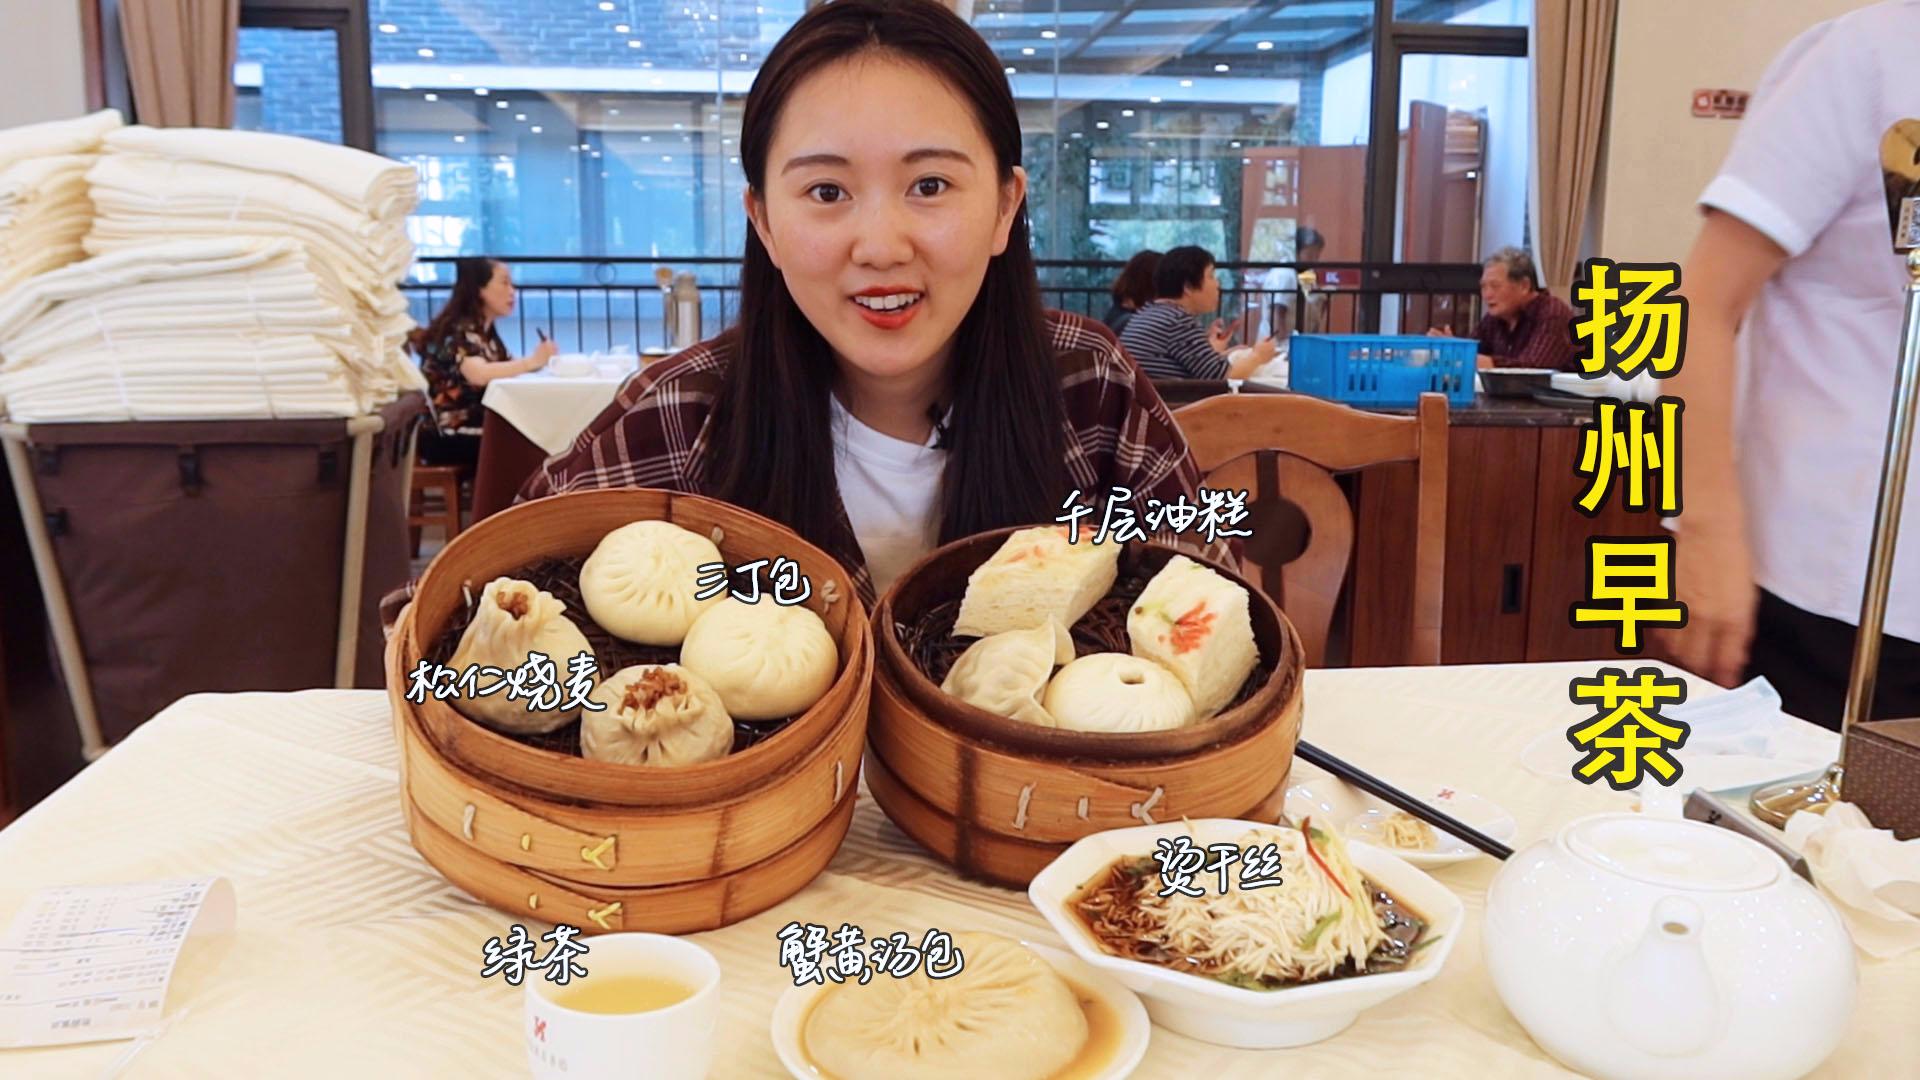 来扬州吃精致早茶,大酒店环境人均40元,点一桌能吃到中午!老年人爱来